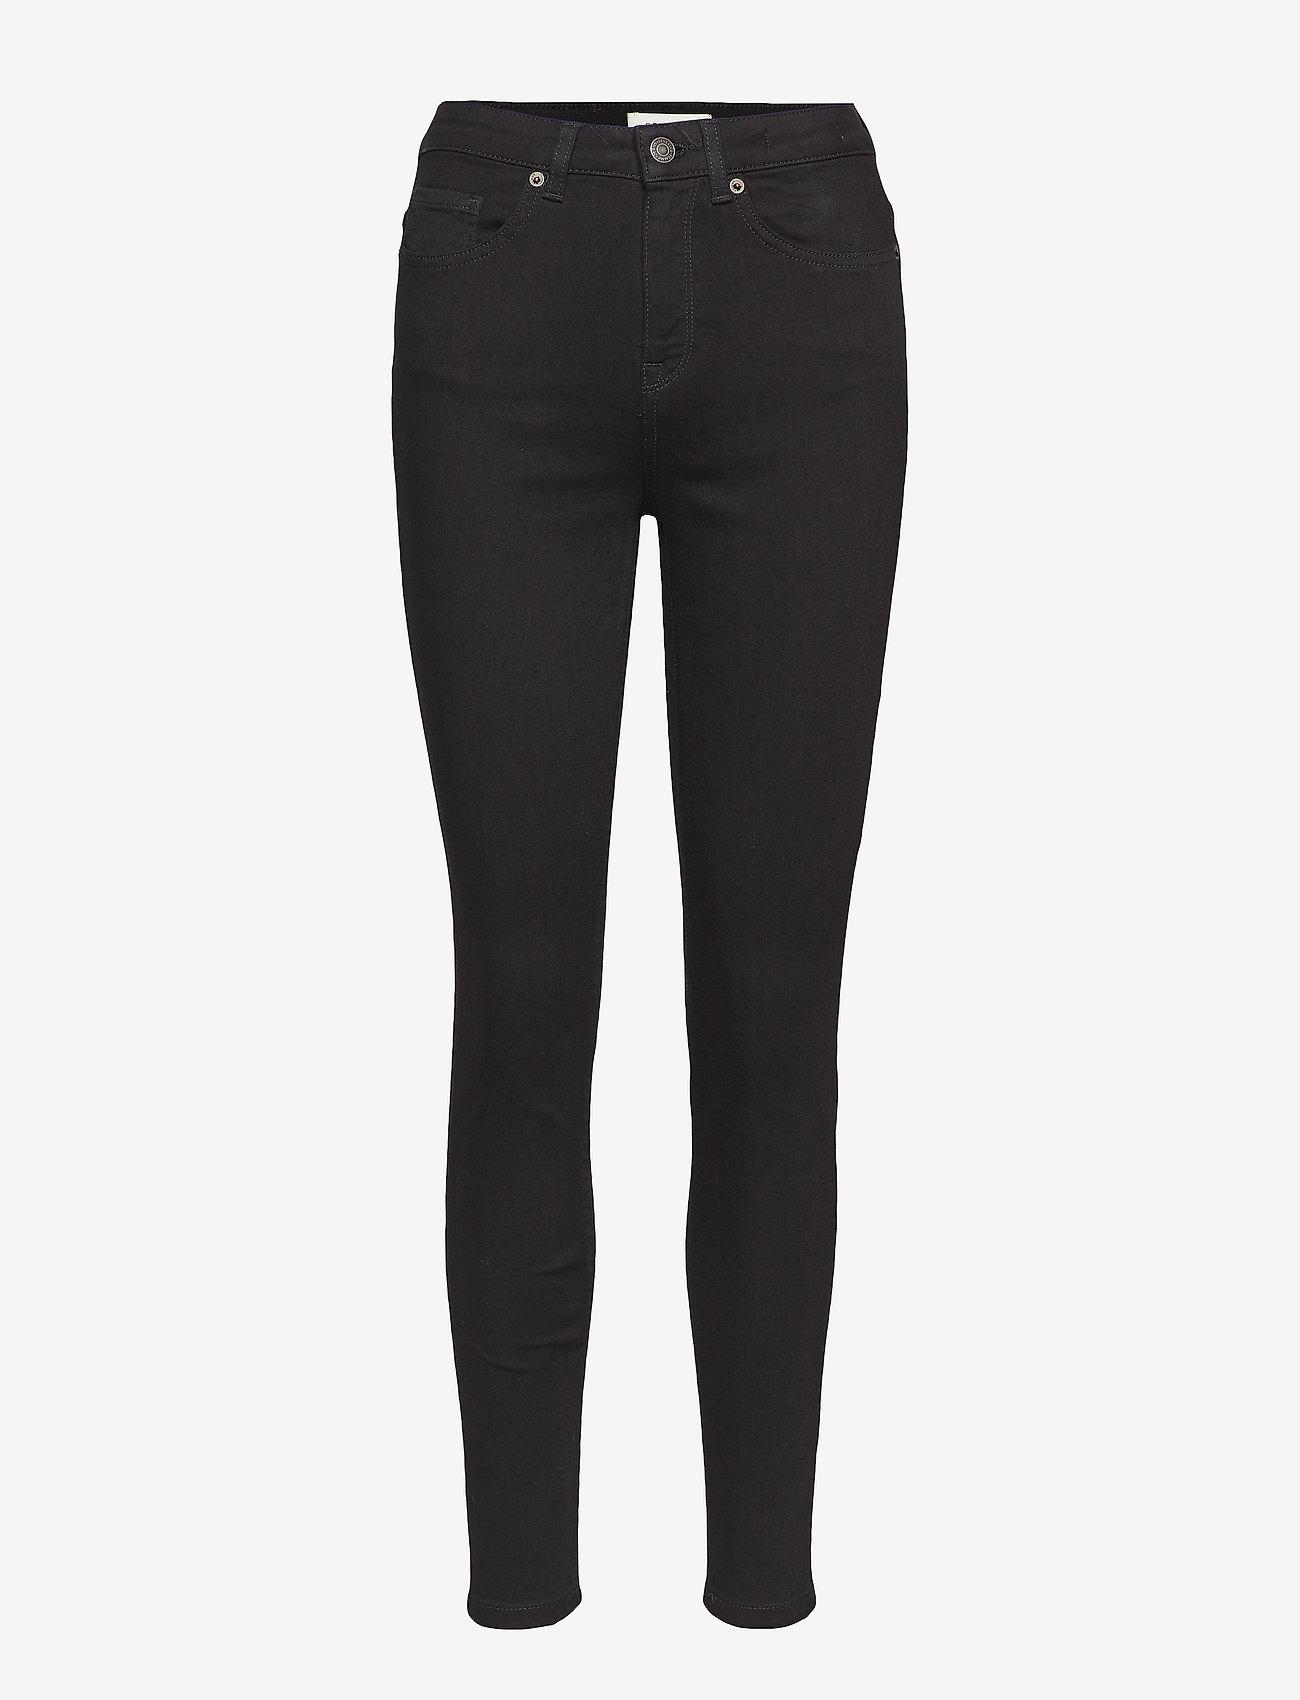 Selected Femme - SLFMAGGIE HW SKINNY BLACK JEANS W NOOS - broeken med skinny fit - black denim - 0